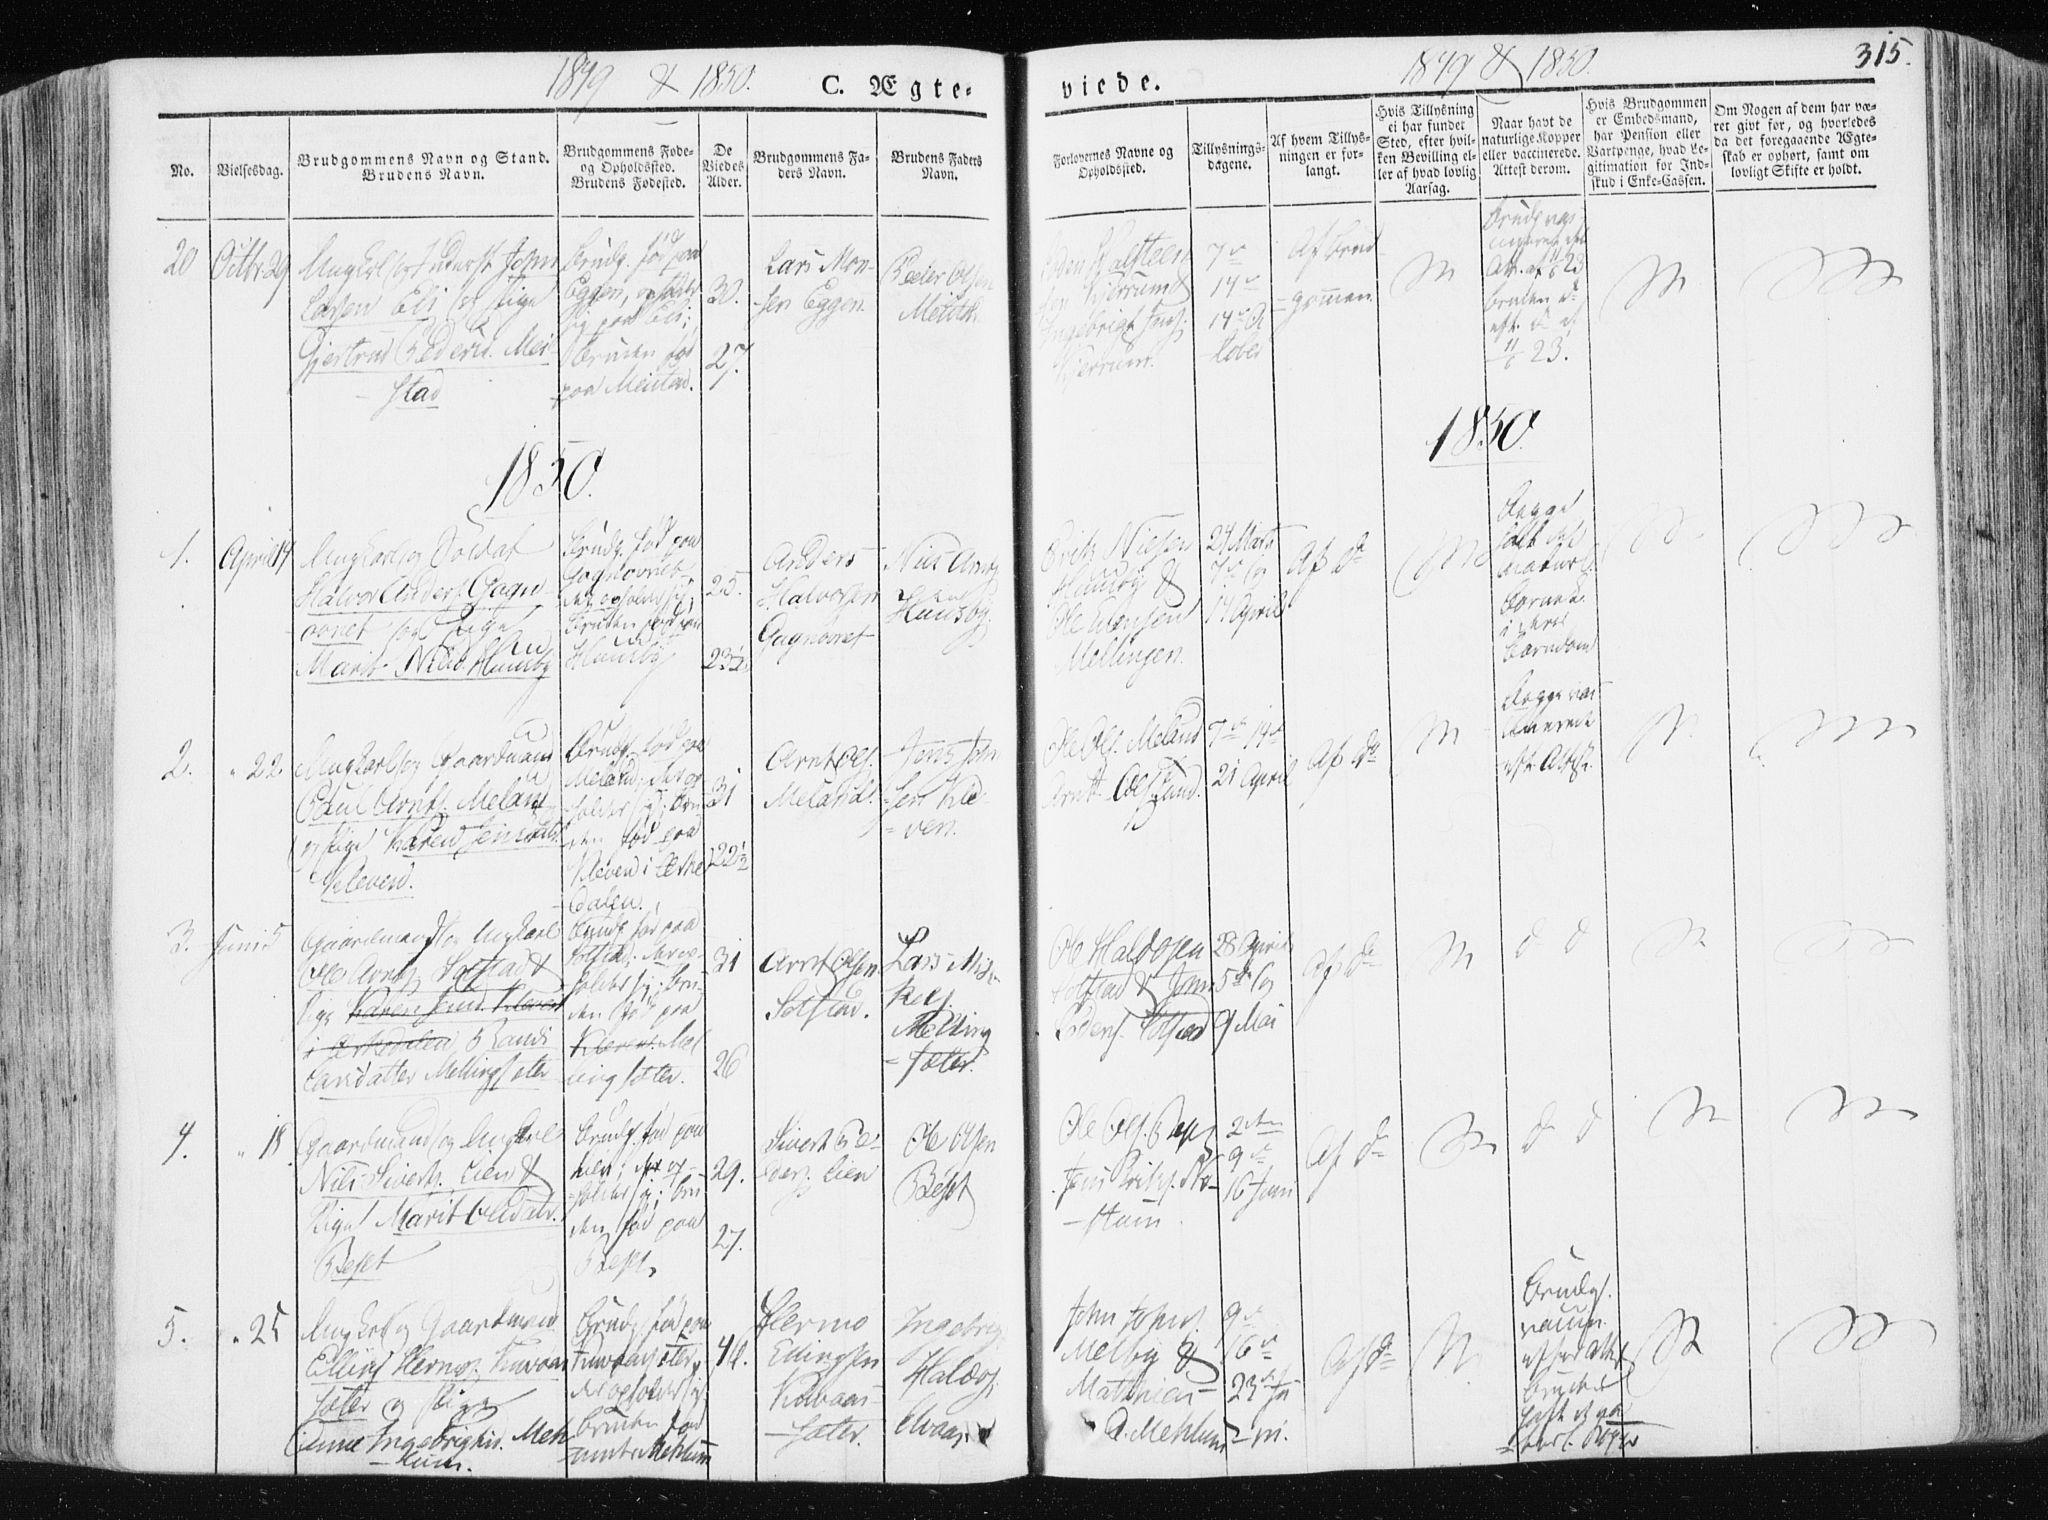 SAT, Ministerialprotokoller, klokkerbøker og fødselsregistre - Sør-Trøndelag, 665/L0771: Ministerialbok nr. 665A06, 1830-1856, s. 315